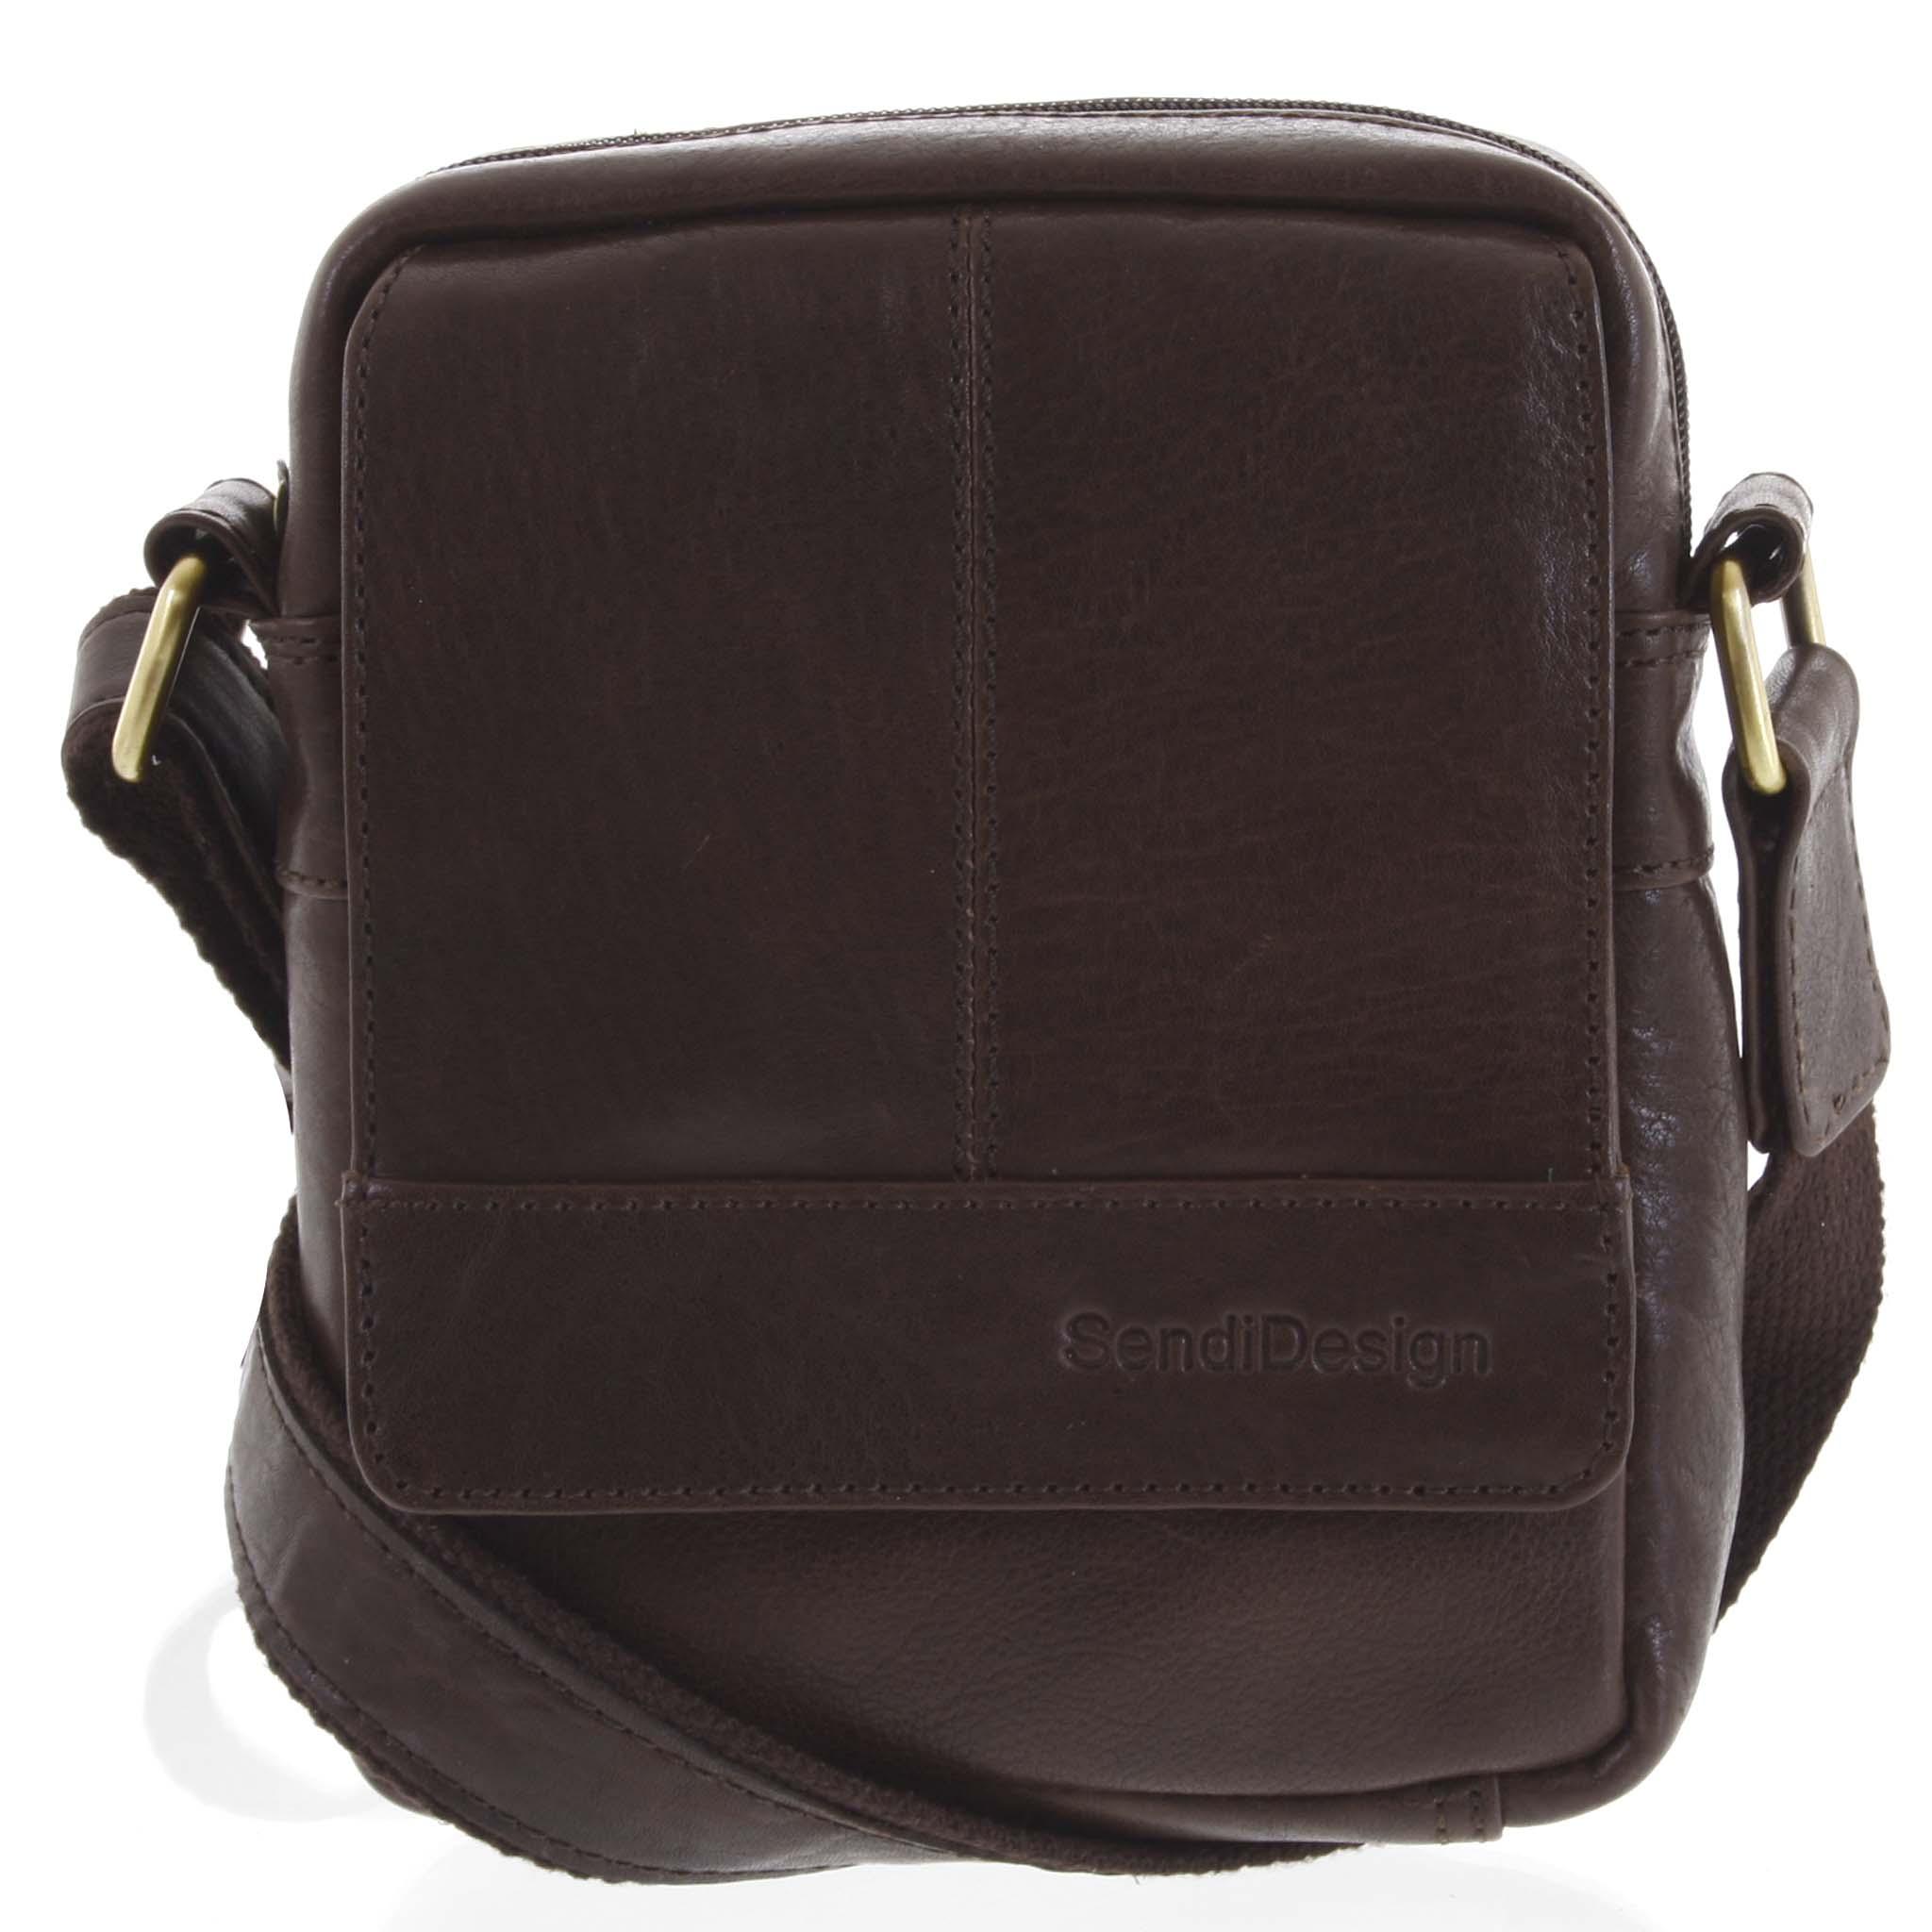 Pánska kožená crossbody taška na doklady tmavo hnedá - SendiDesign Niall